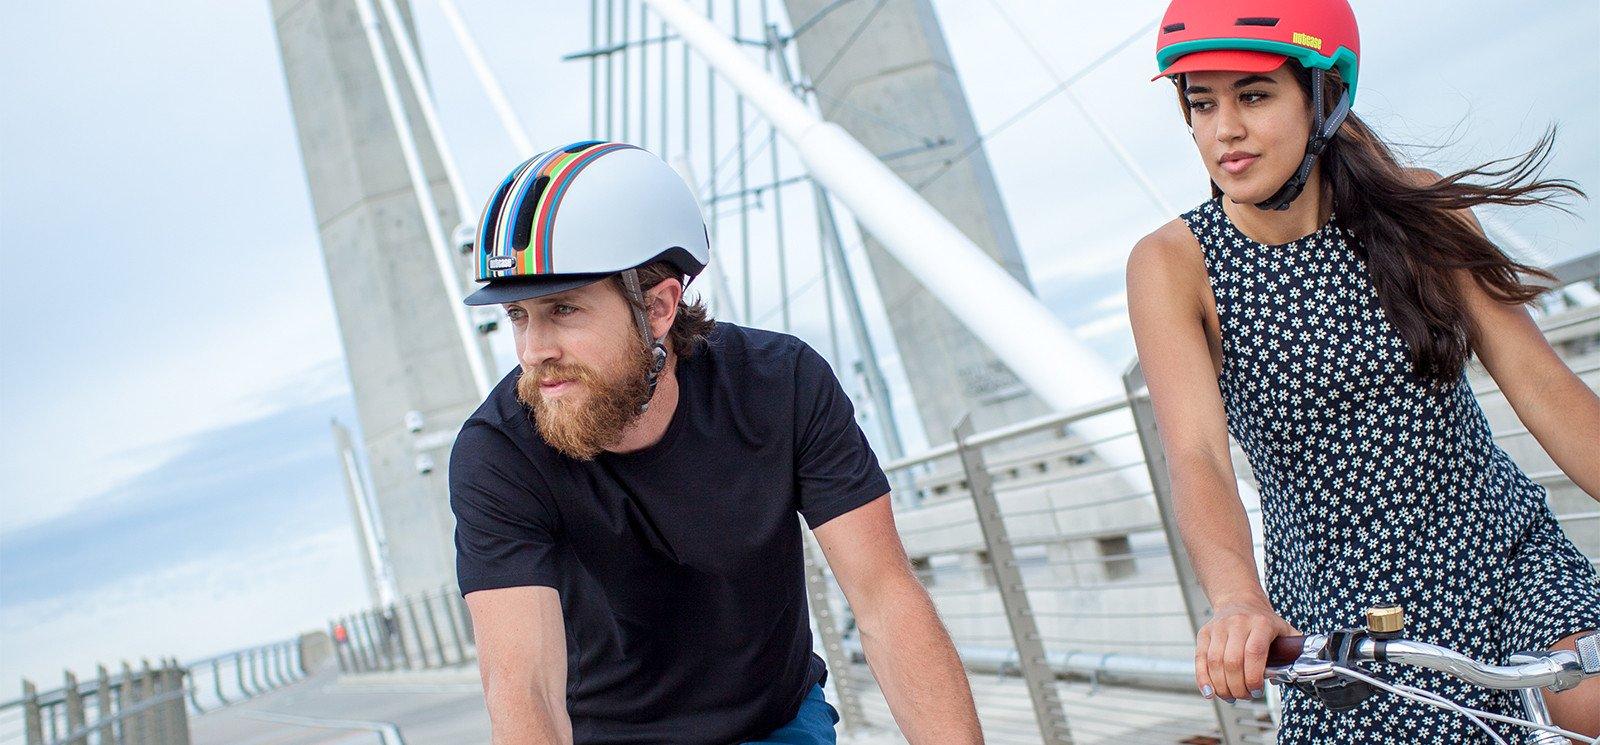 Nos idées cadeaux pour cyclistes